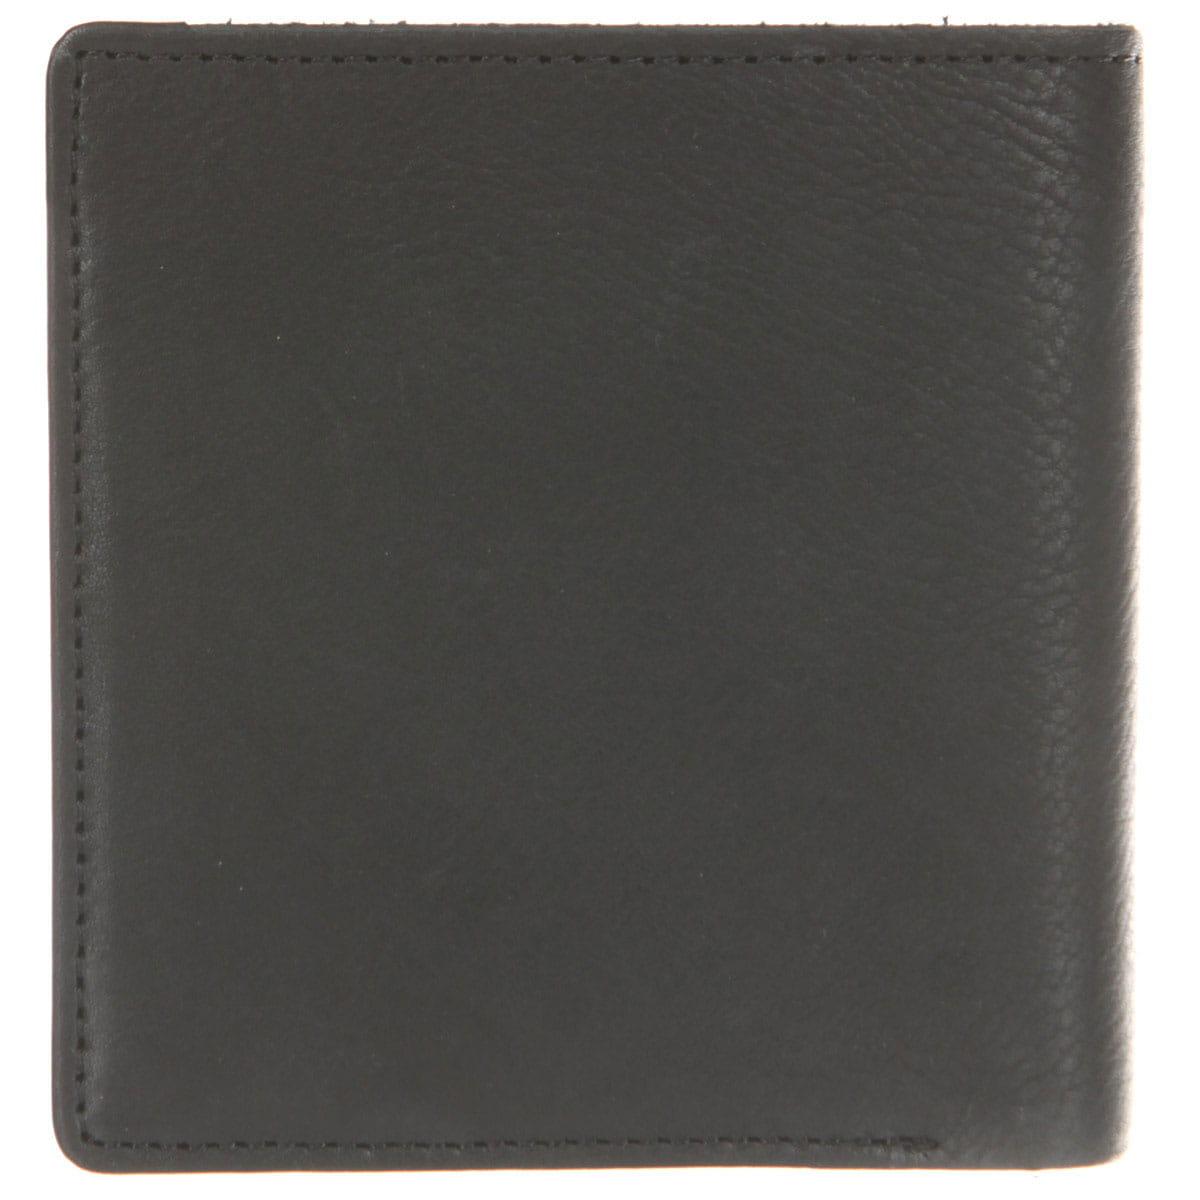 Мужской кошелек Billabong Gaviotas Leather Black